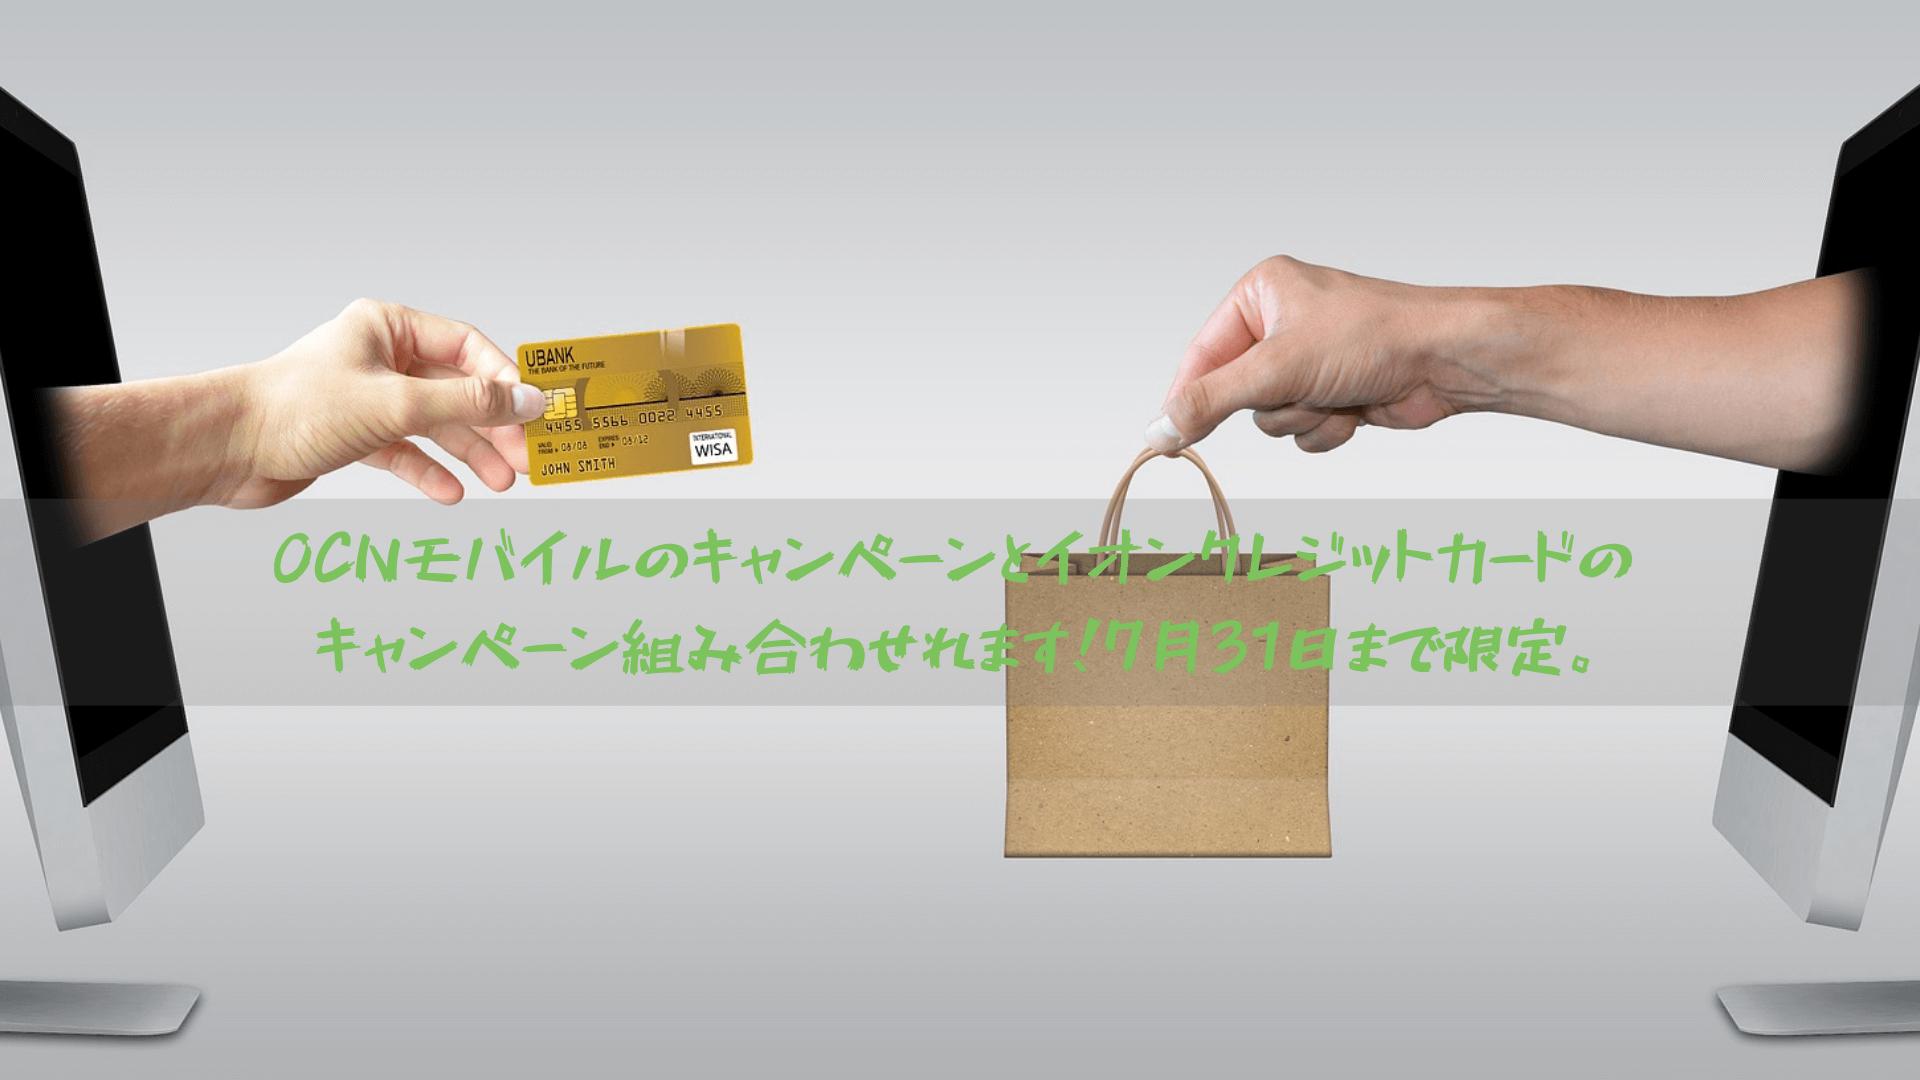 OCNモバイルのキャンペーンとイオンクレジットカードのキャンペーン組み合わせれます!7月31日まで限定。